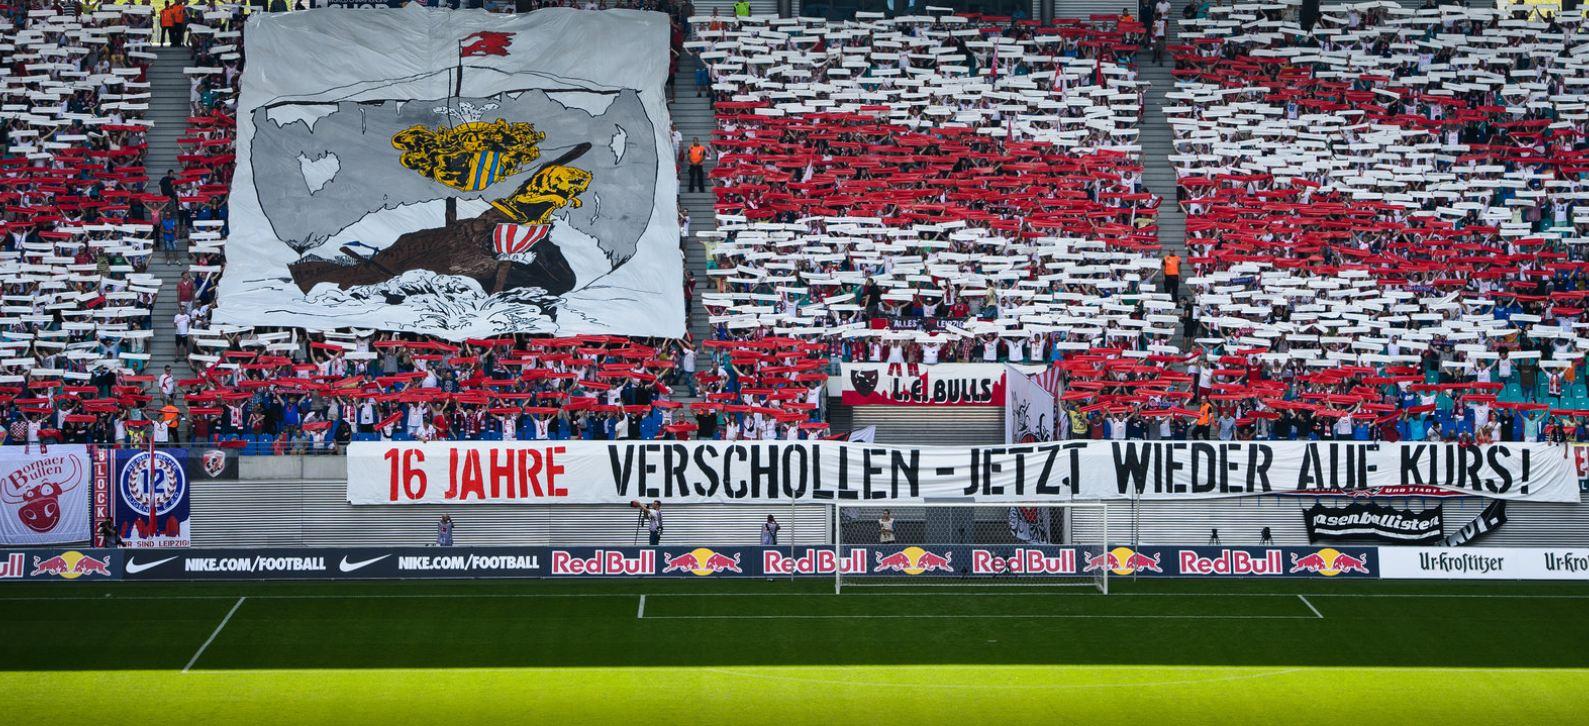 «Jetzt wieder auf Kurs»: Die Zweitliga-Premiere von RB Leipzig gegen Aalen.